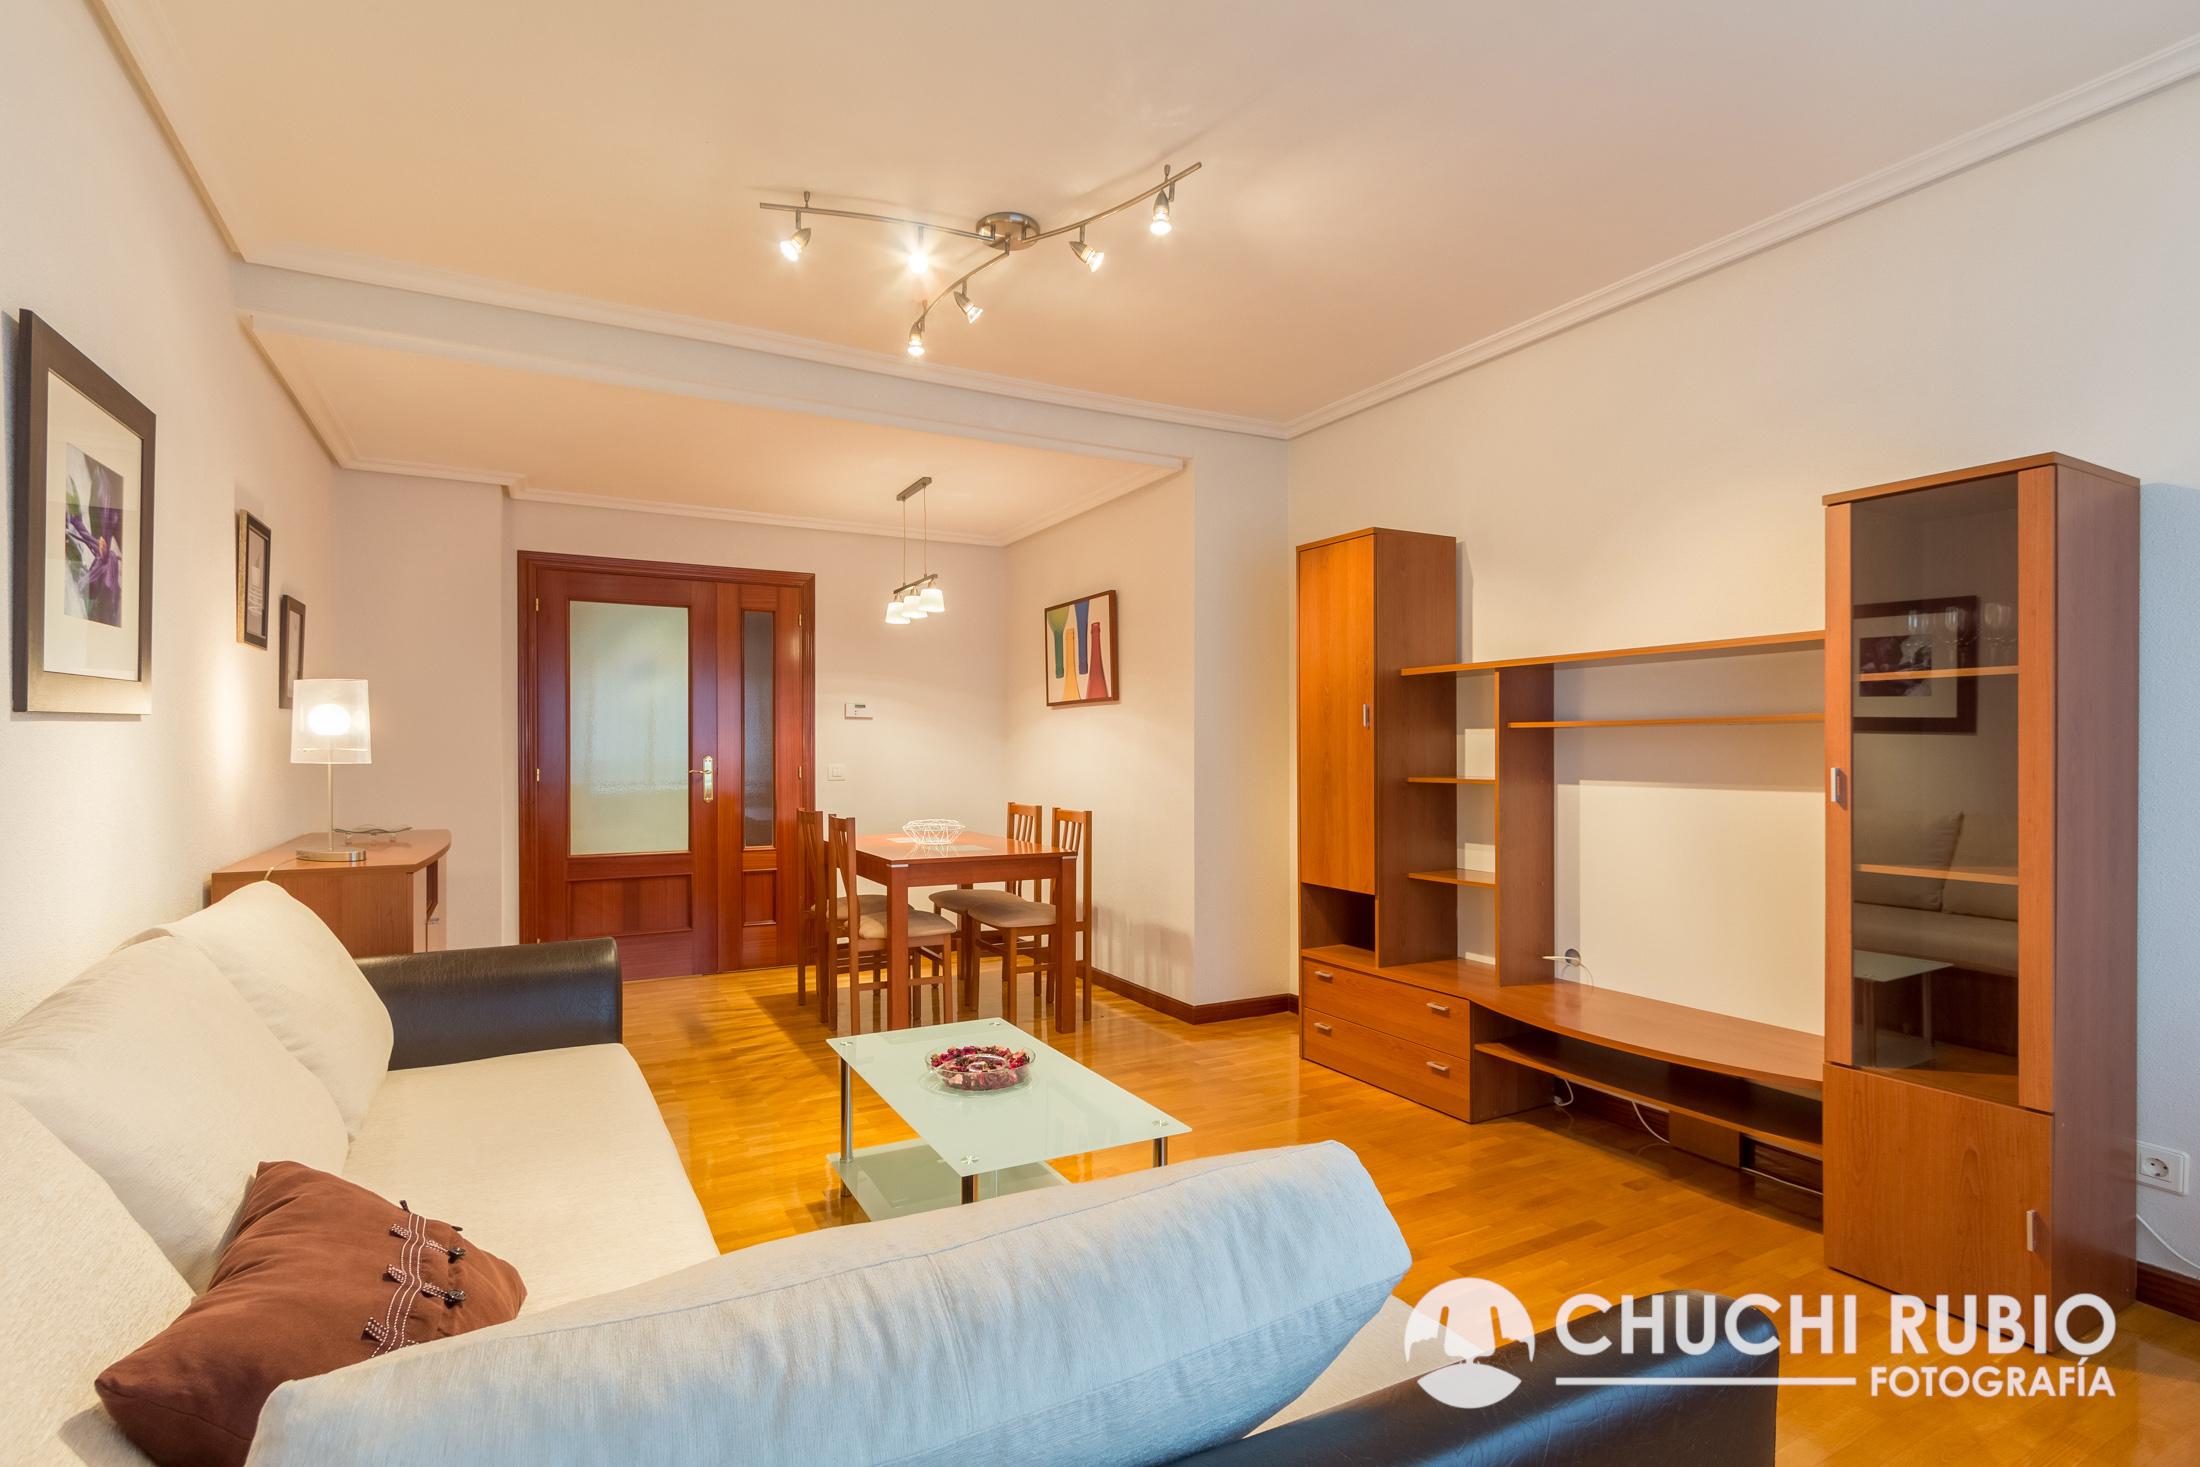 IMG 0989 HDR - Fotografía para Inmobiliarias, venta de pisos, locales...